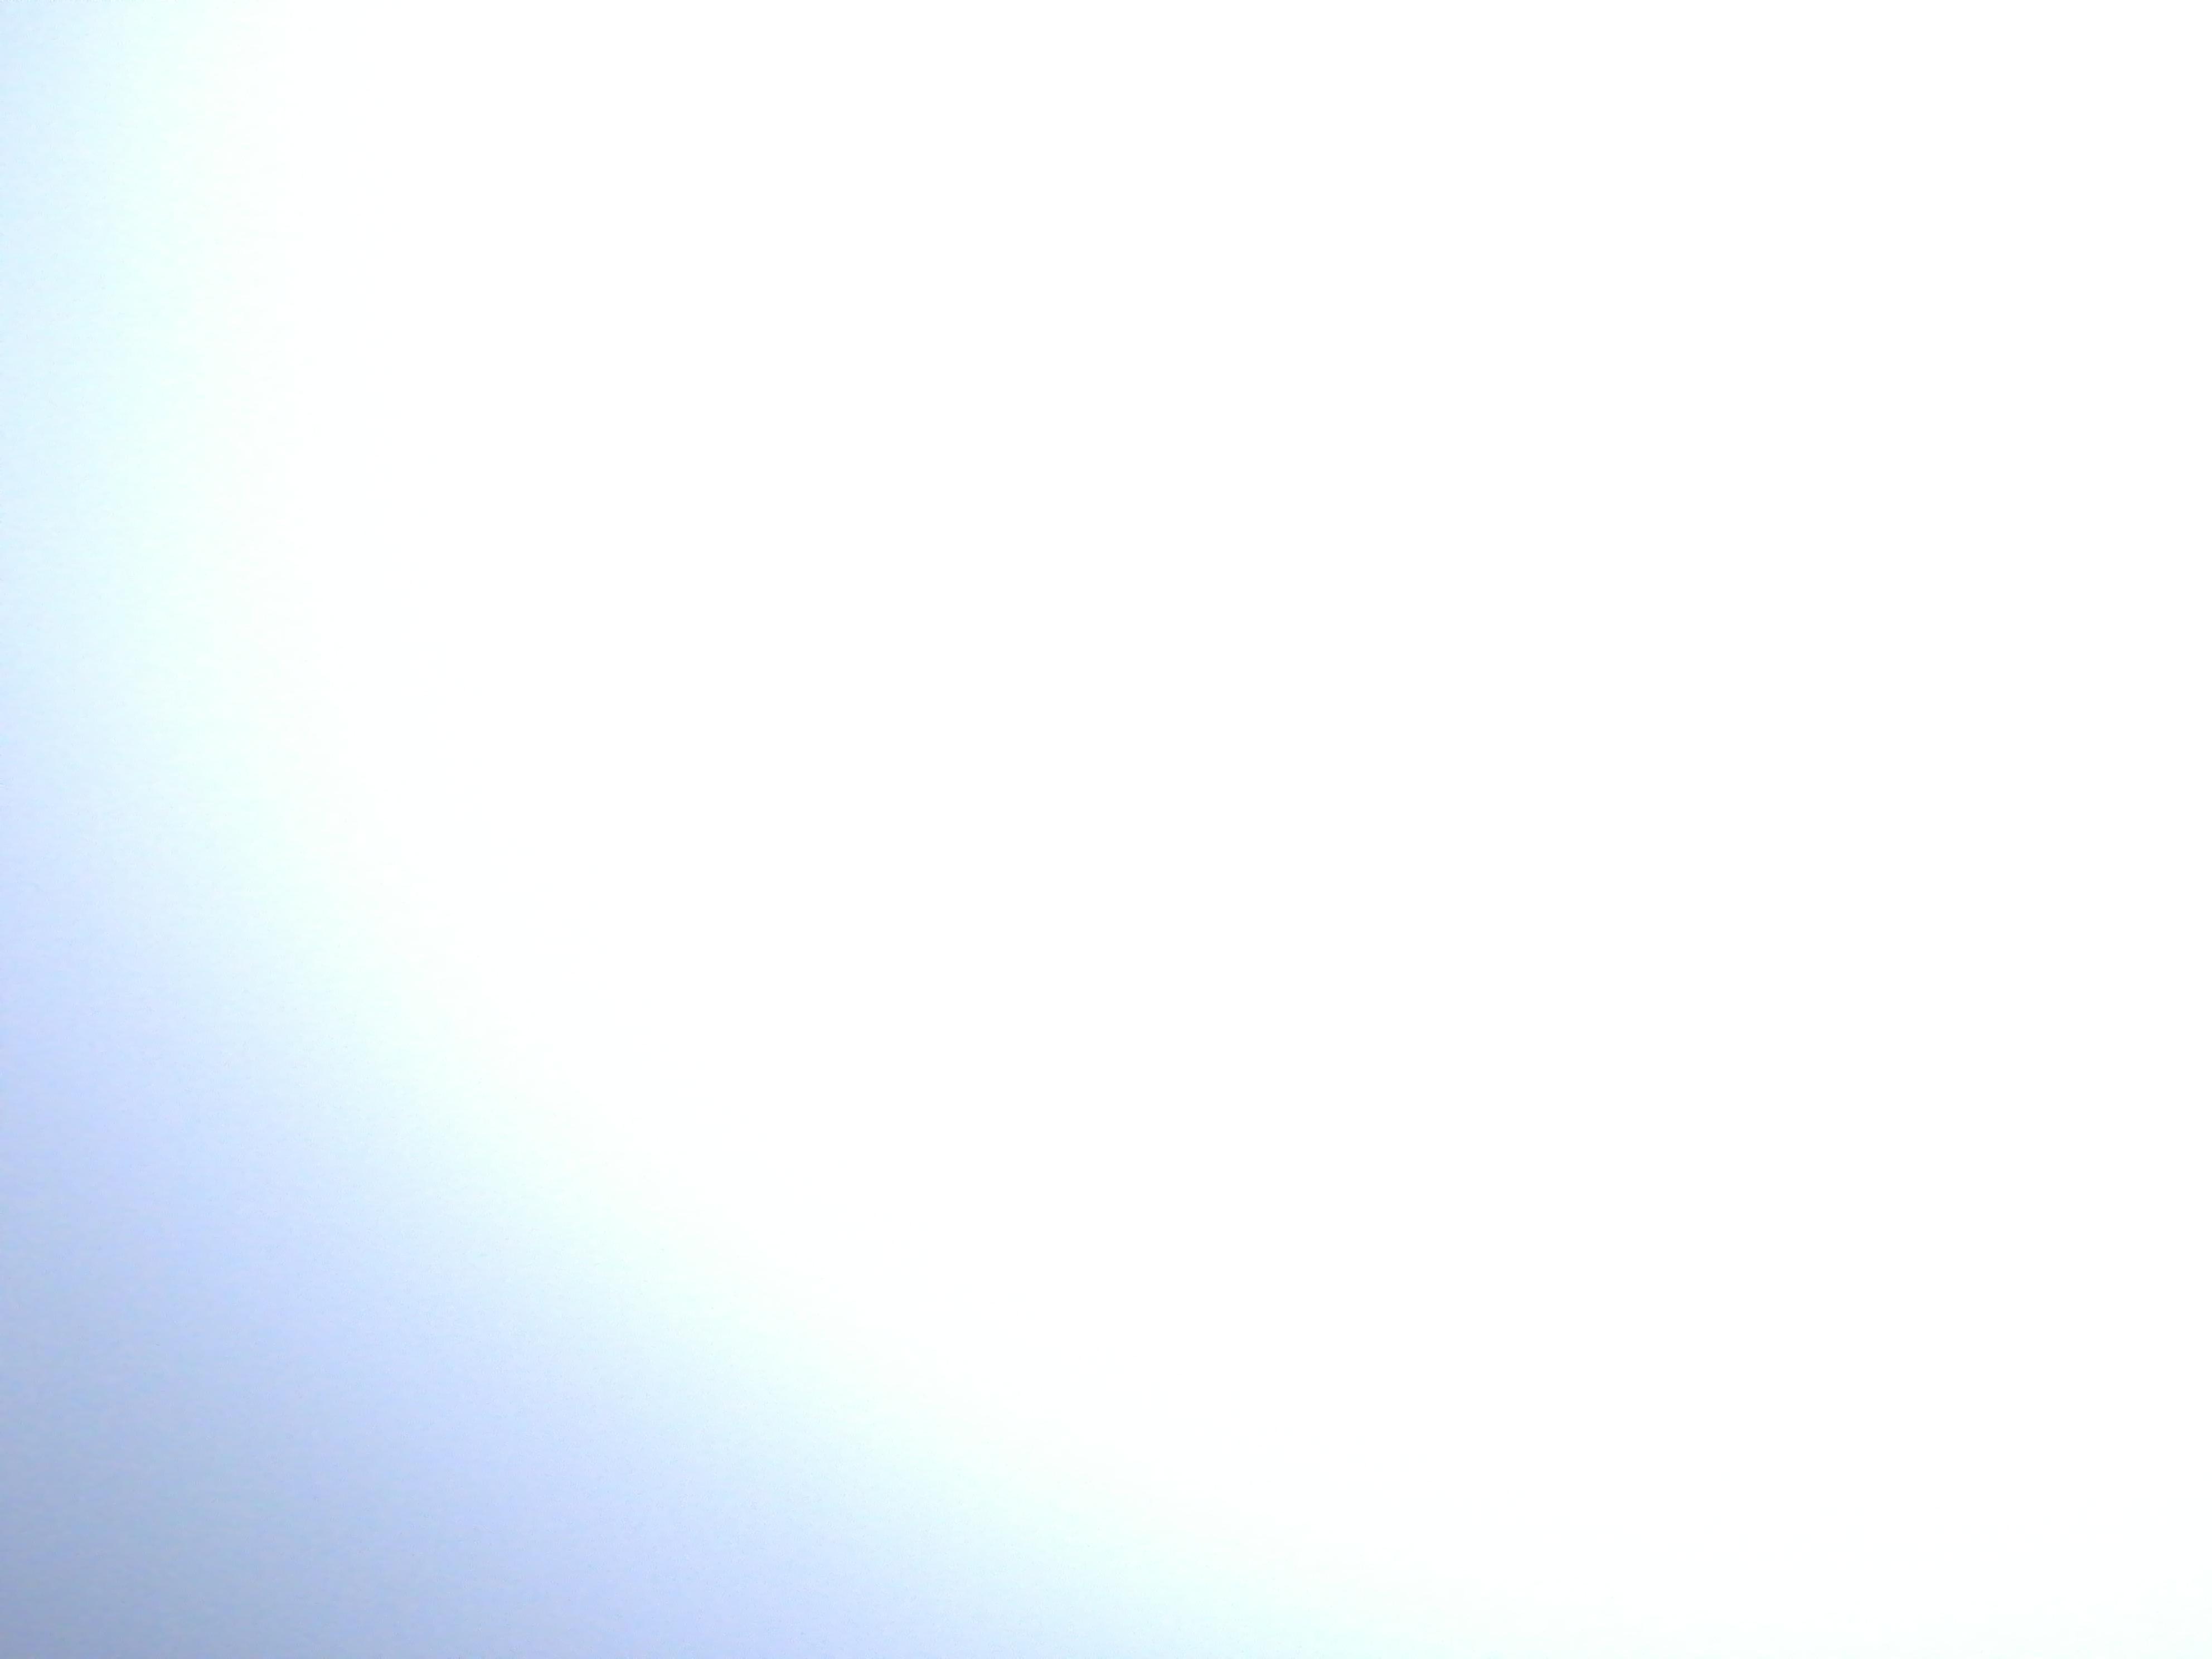 F06ed394 04a8 4fe3 b160 5d93204dea9a